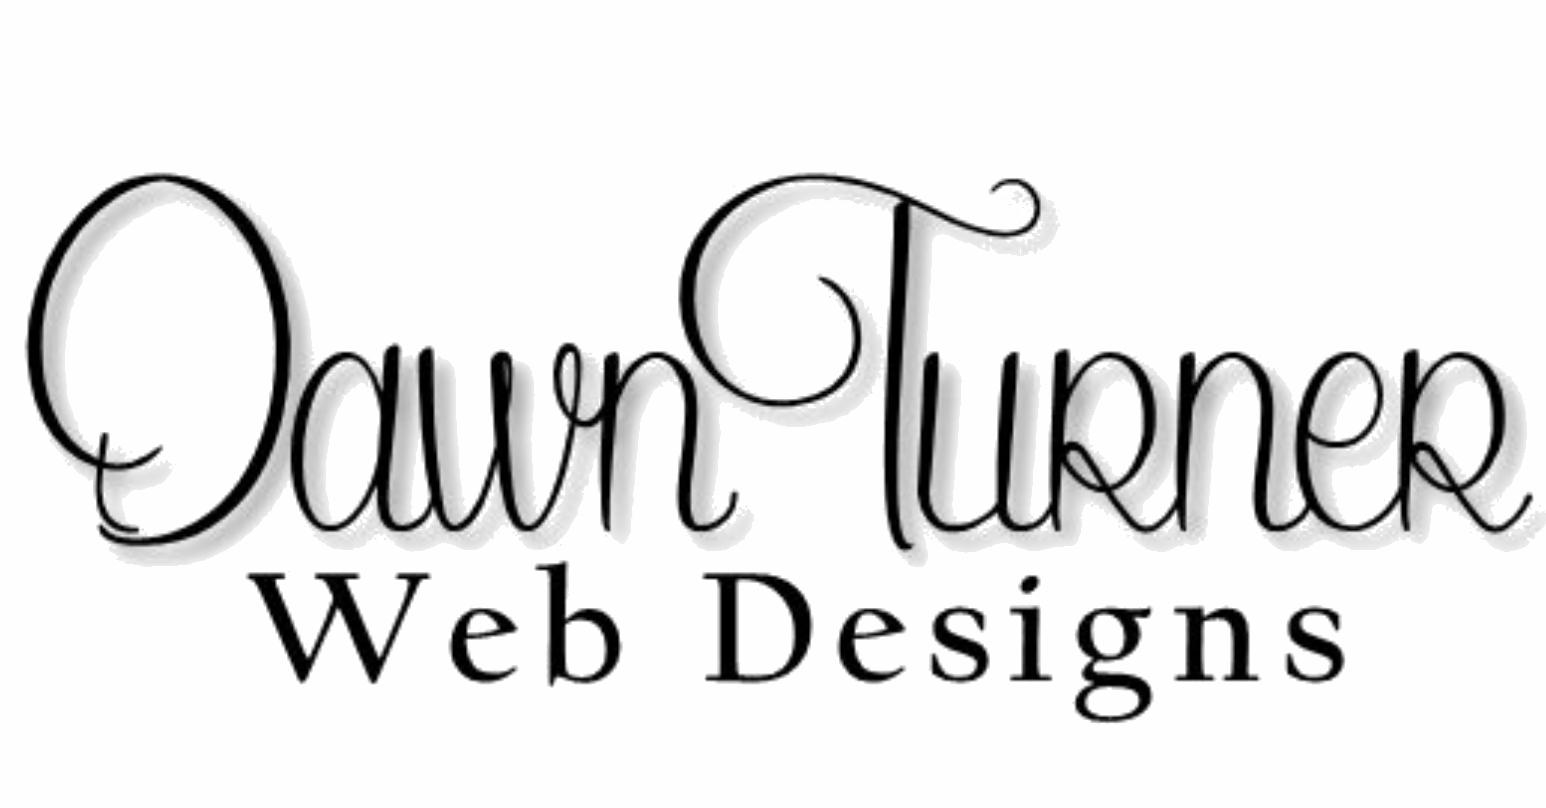 Dawn Turner Web Designs